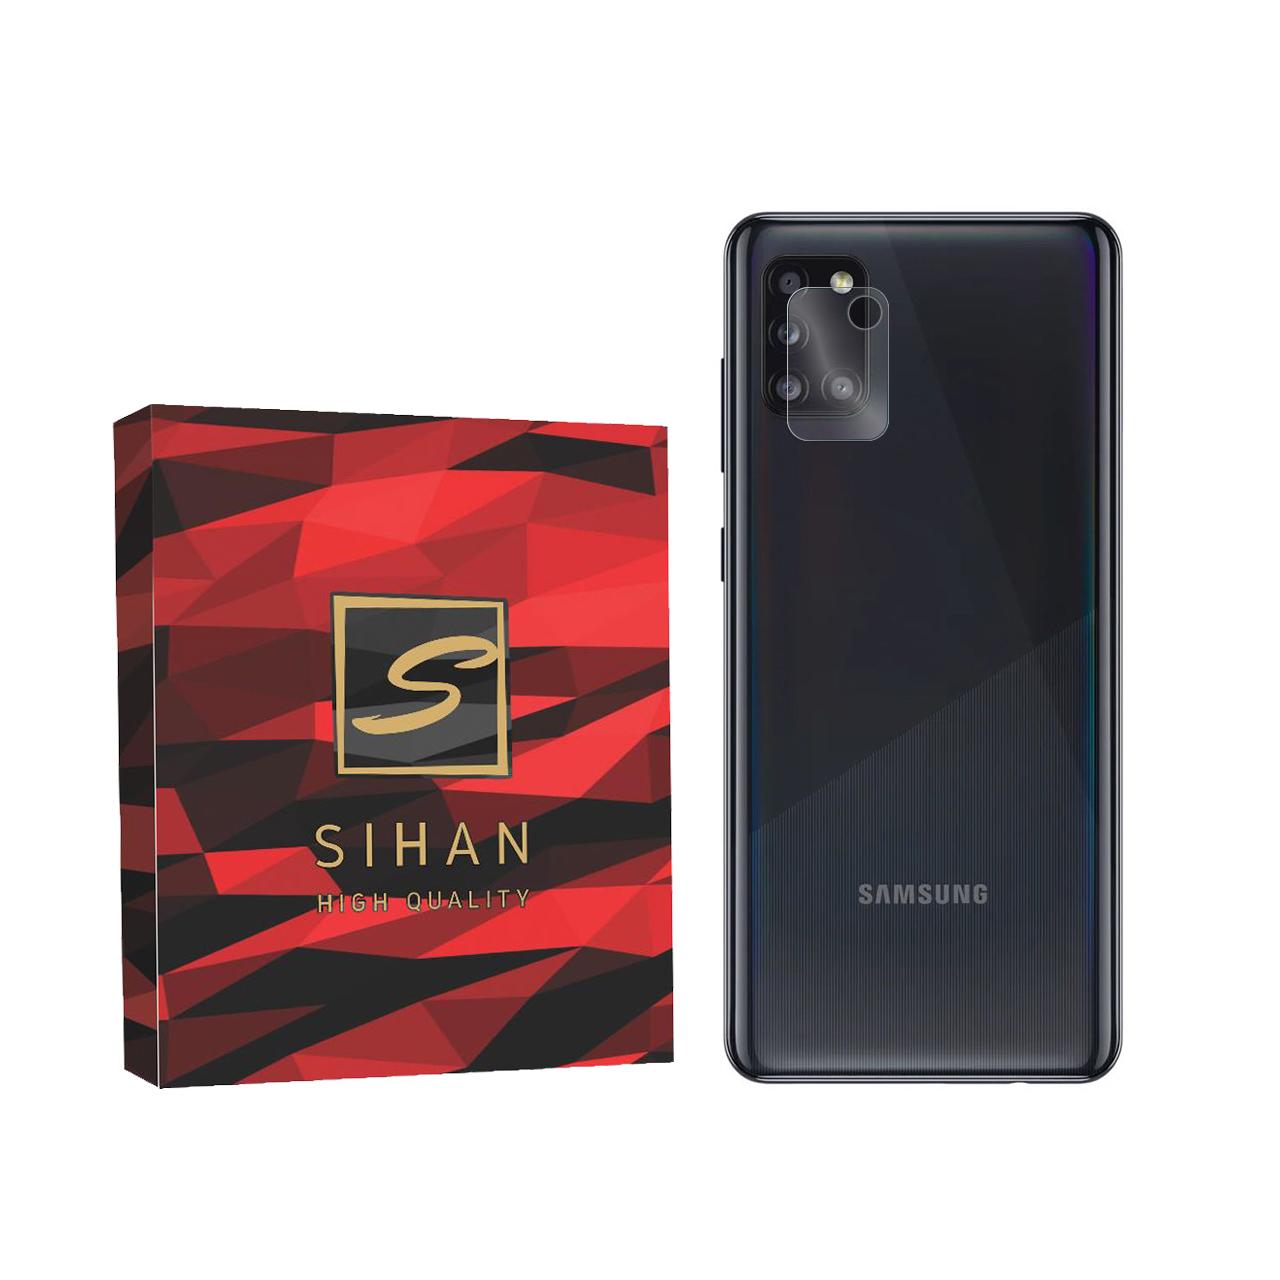 محافظ لنز دوربین سیحان مدل GLP مناسب برای گوشی موبایل سامسونگ Galaxy A31              ( قیمت و خرید)